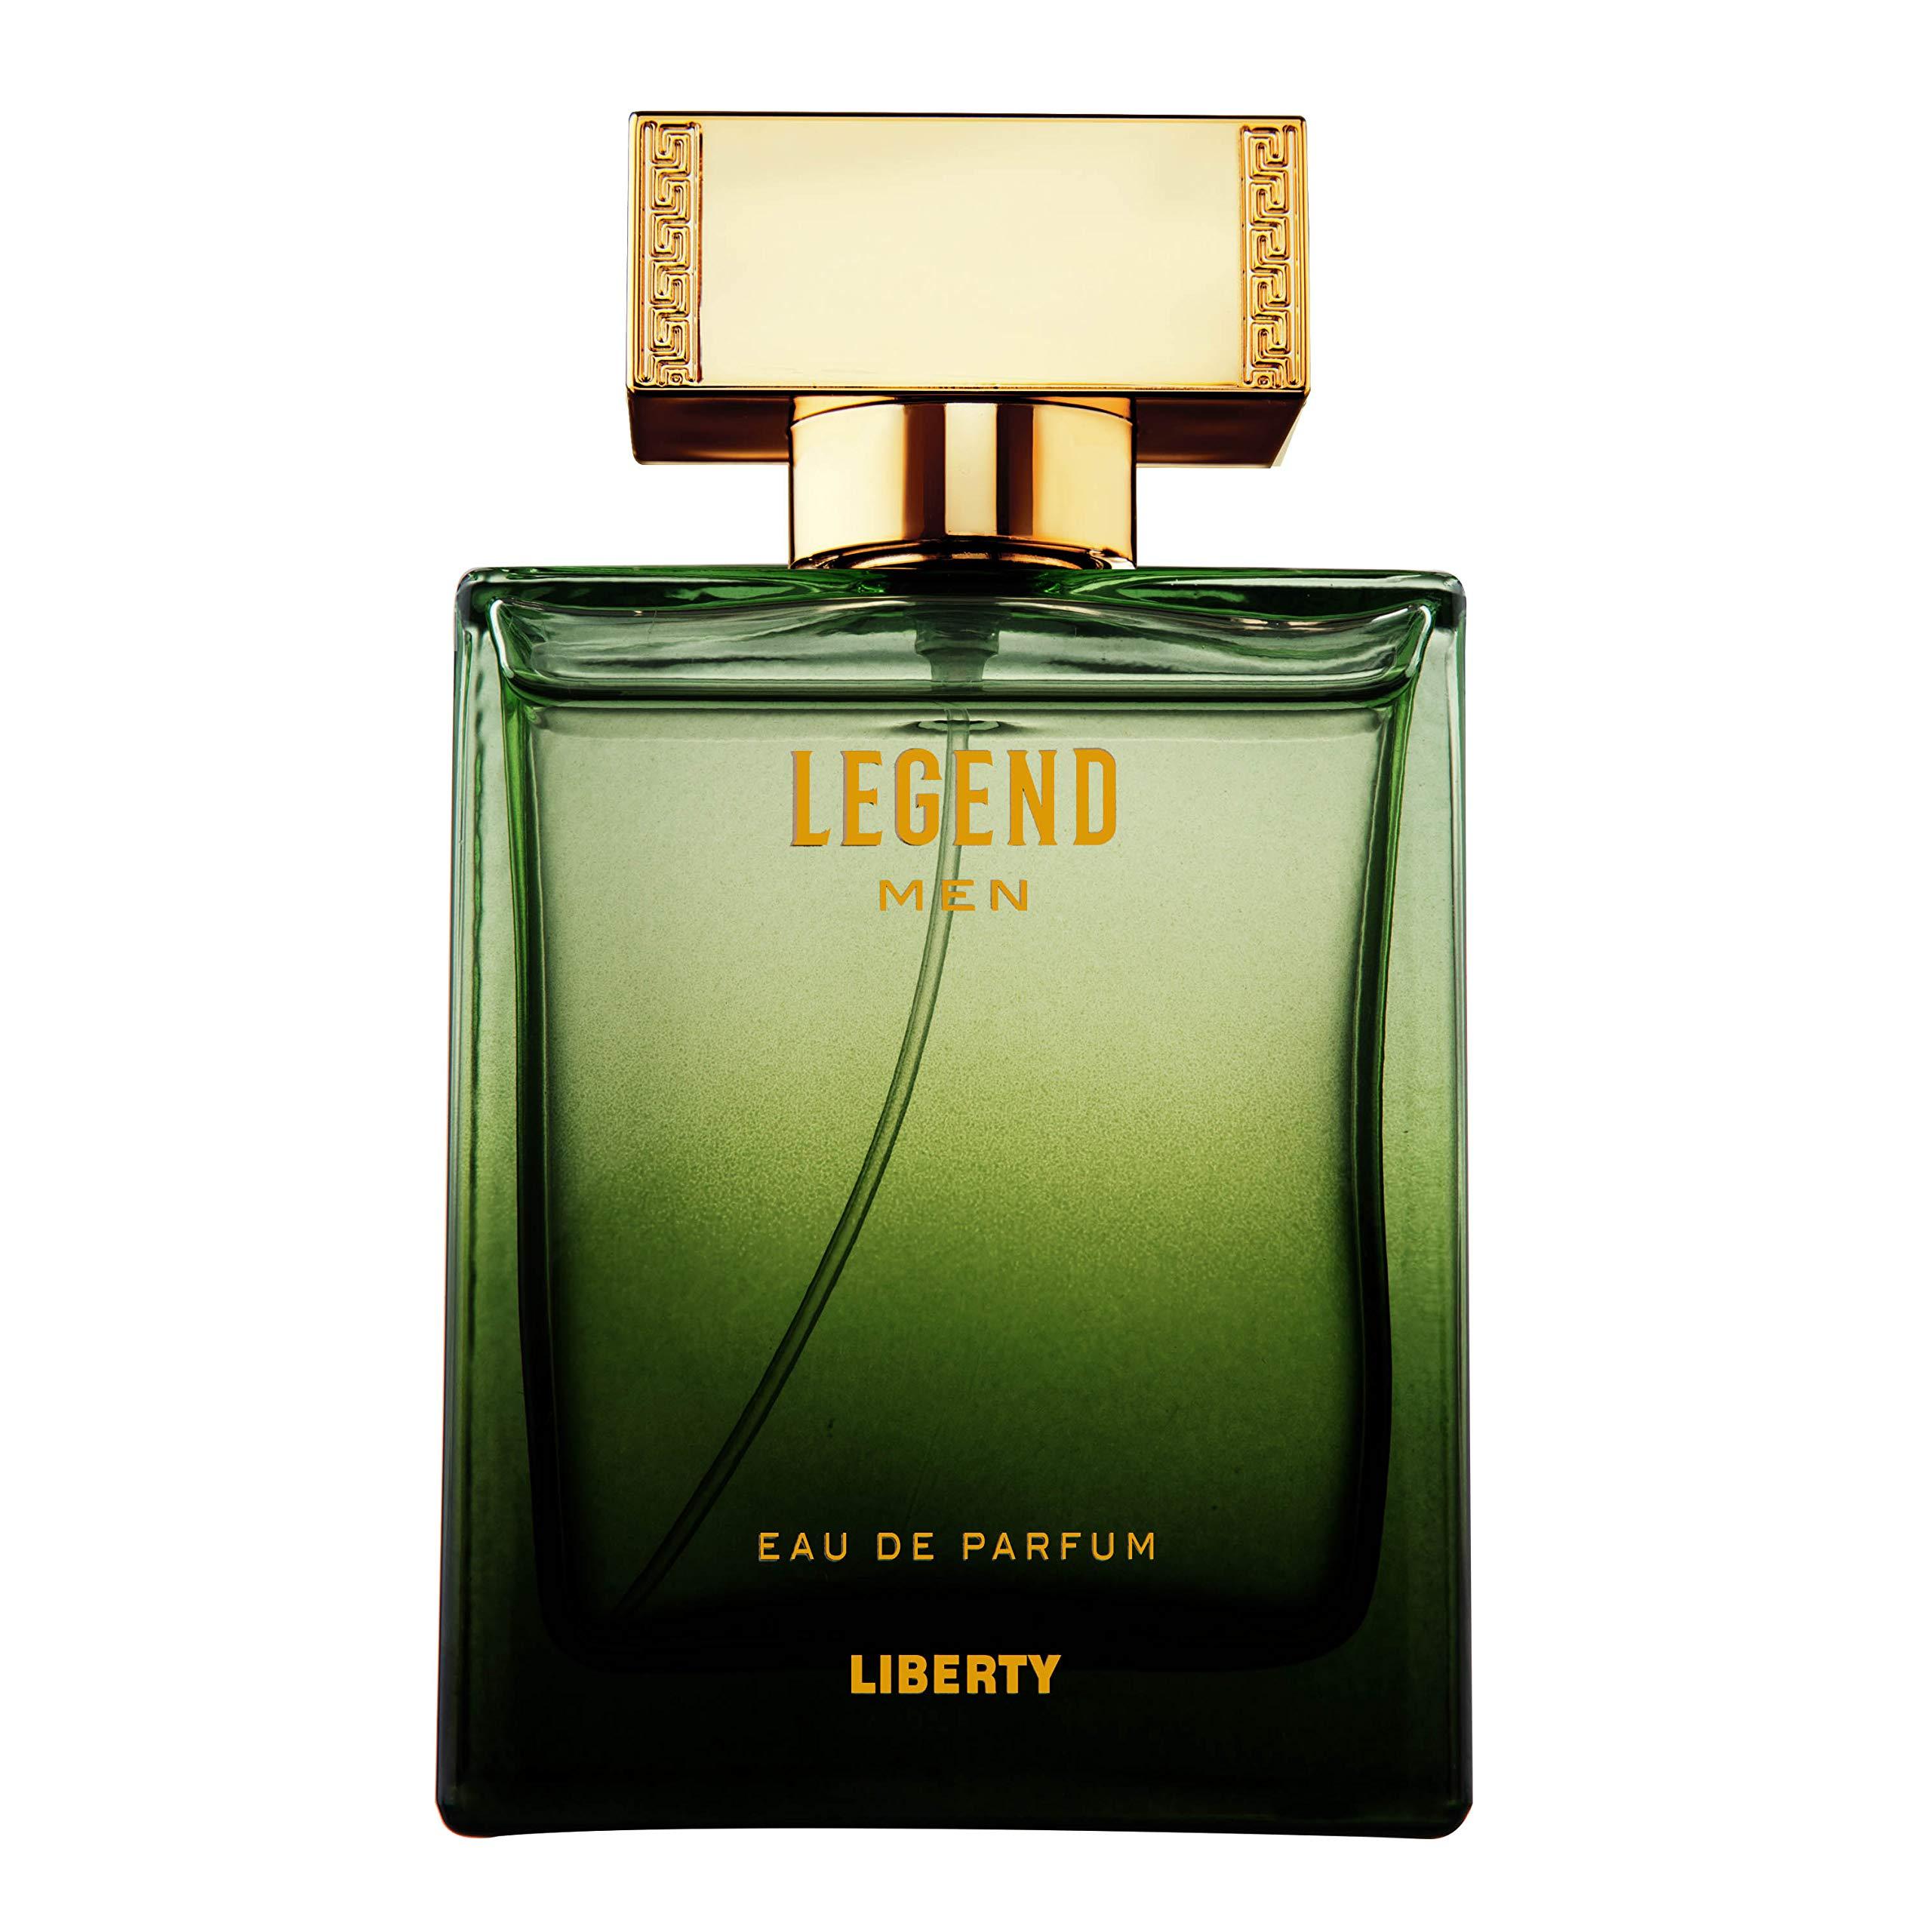 Liberty LUXURY Legend Perfume for Men, Long Lasting Smell, Eau de Parfum(EDP) - (Legend, 100ml)